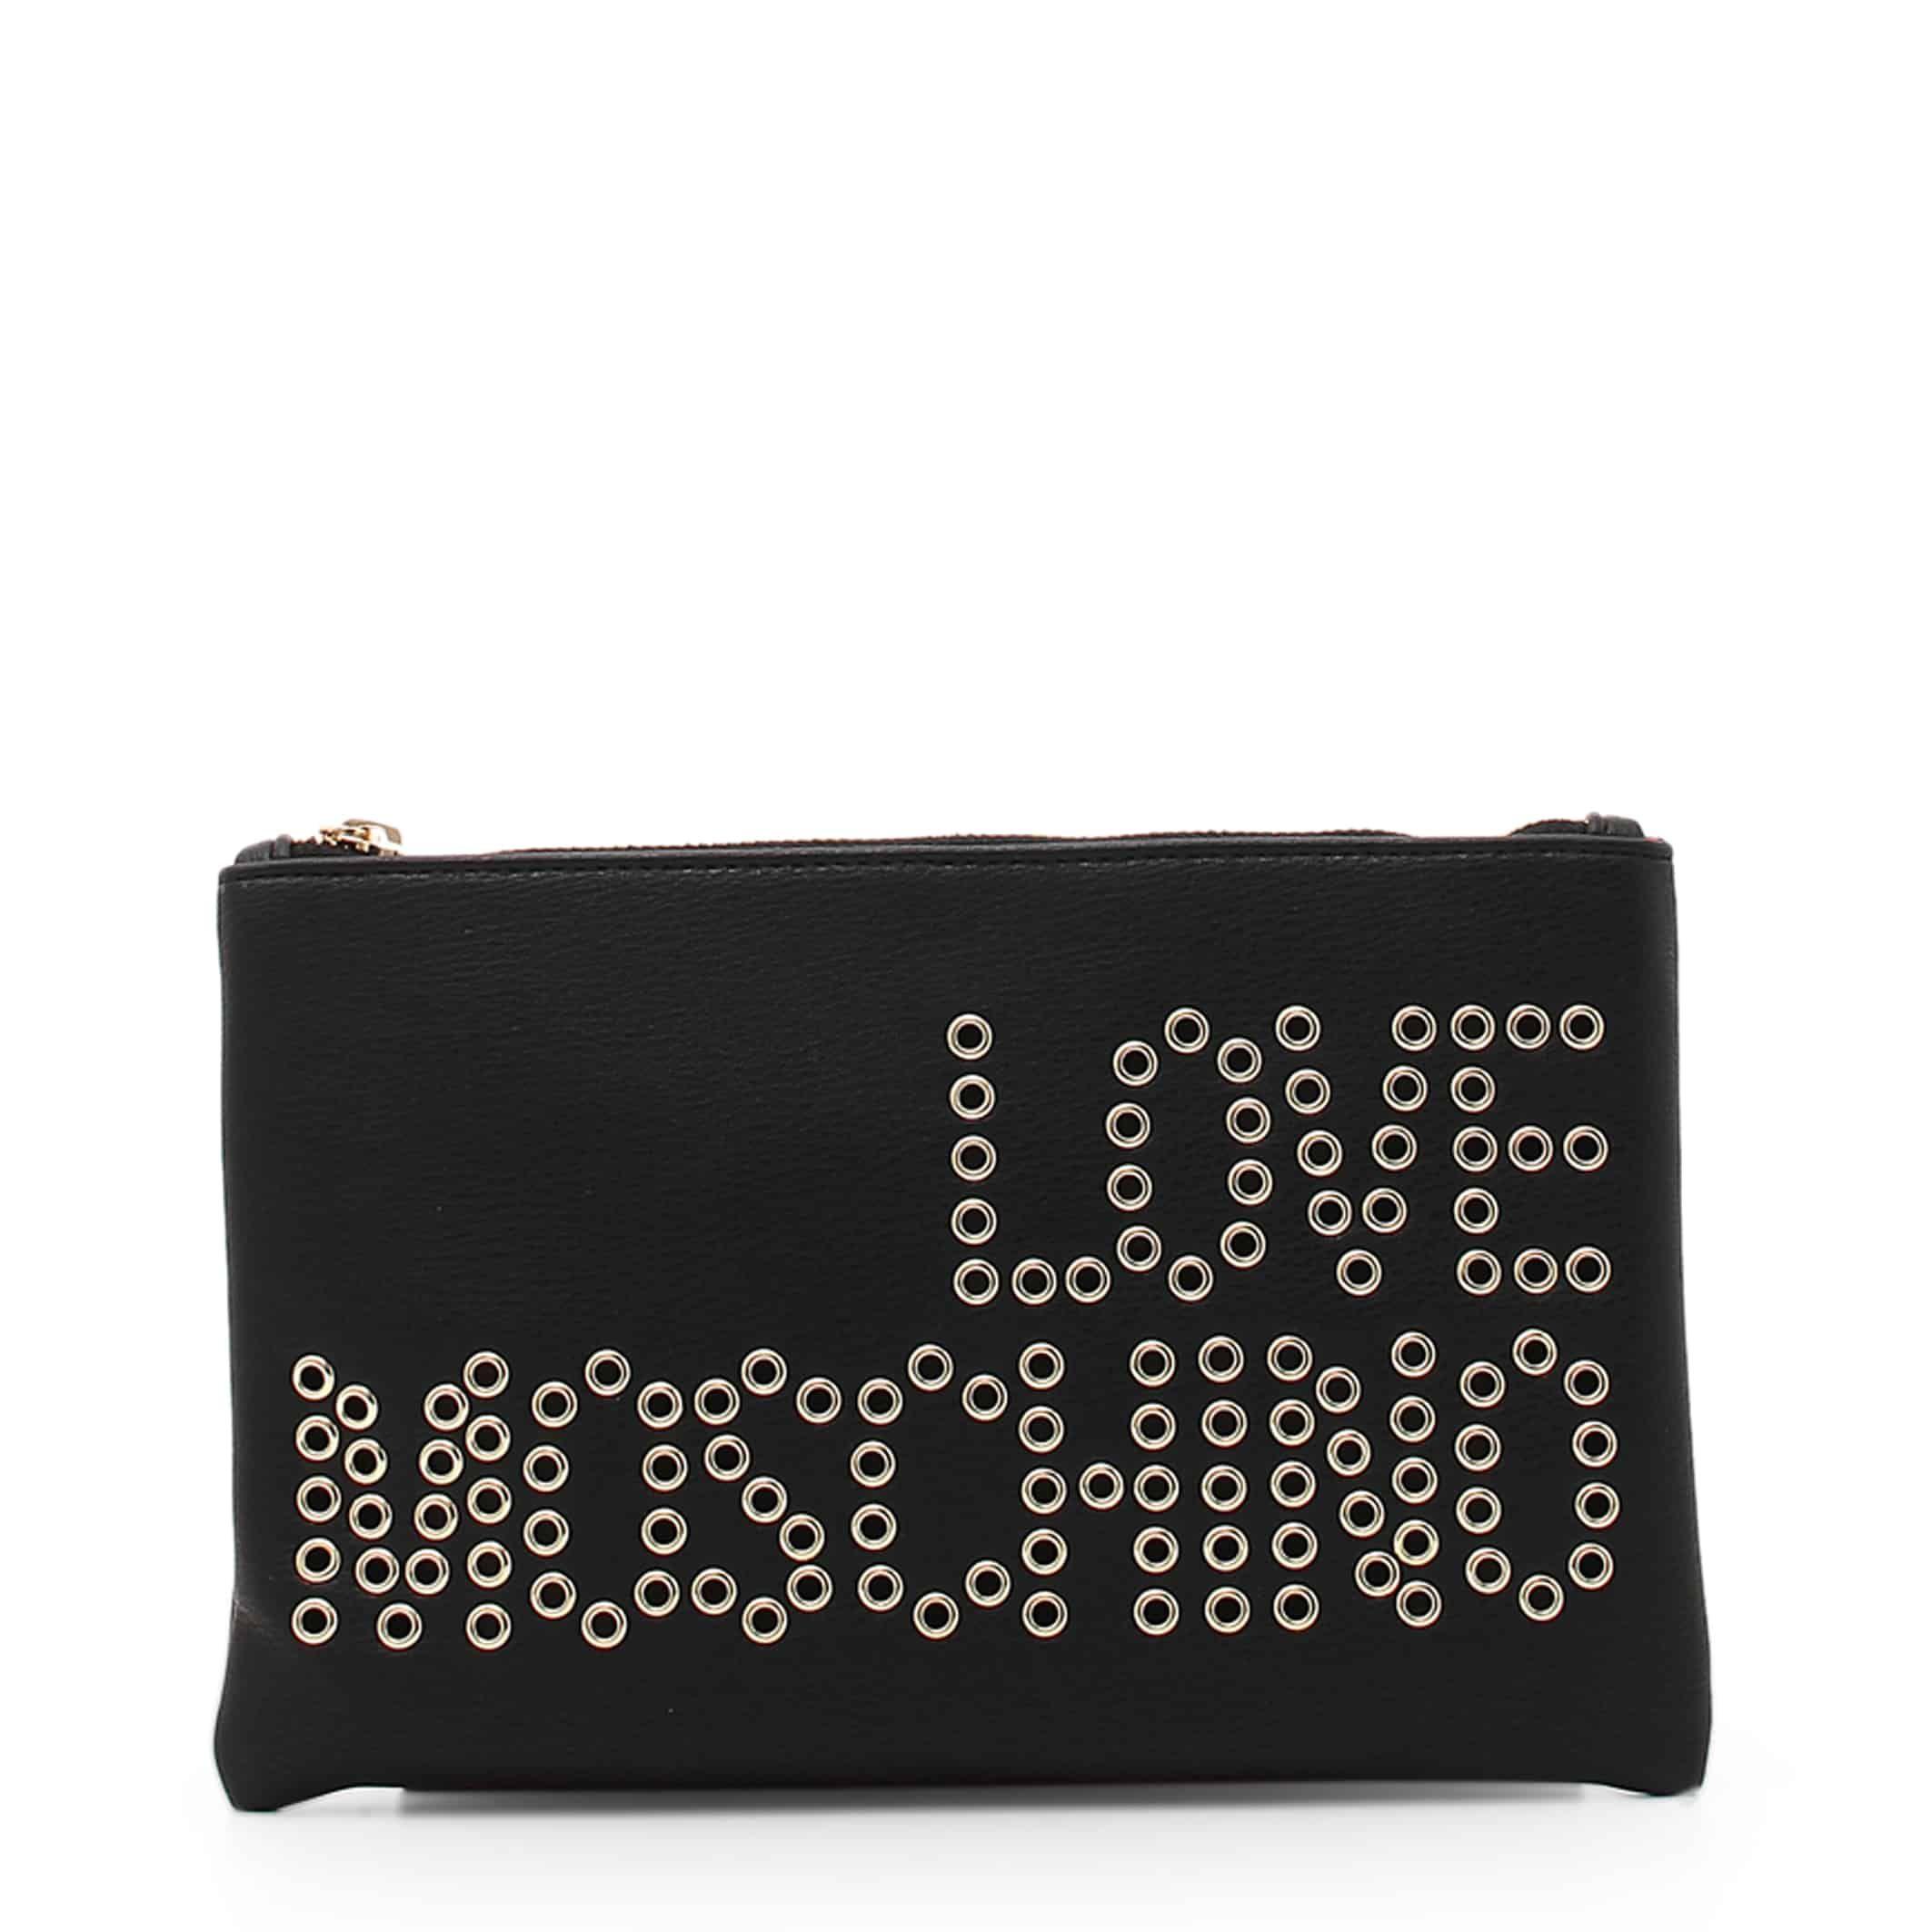 Love Moschino – JC4227PP0CKD0 – Zwart Designeritems.nl